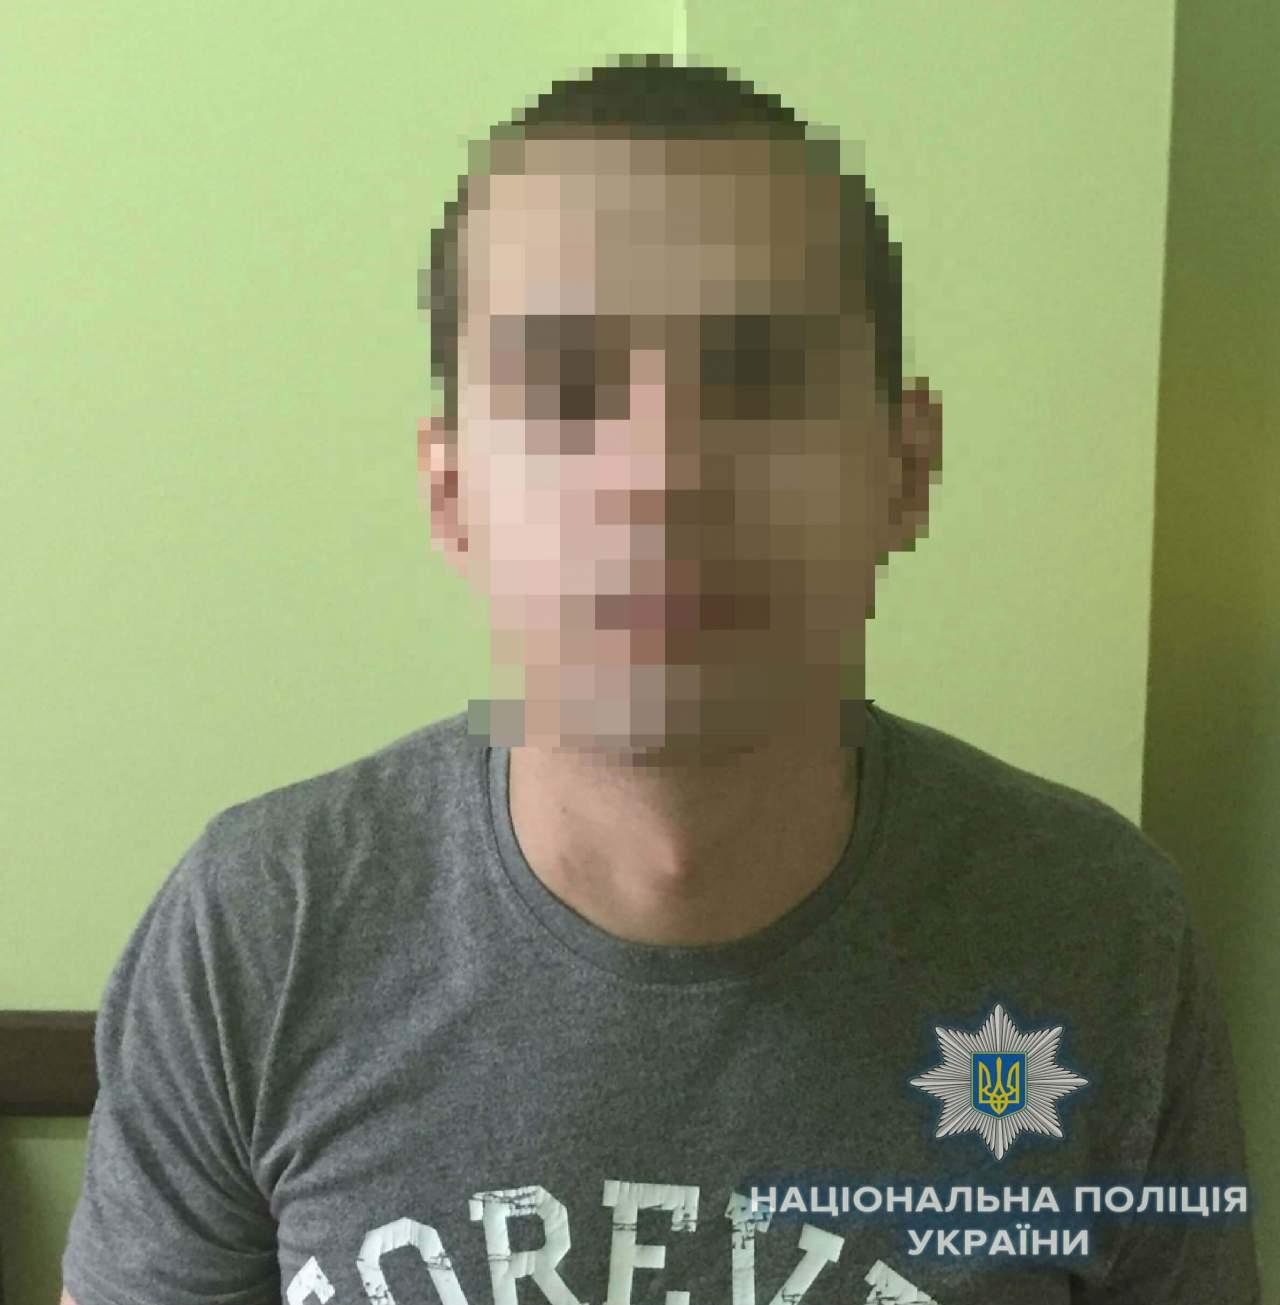 В Киеве парень избил двоих мужчин, чтобы украсть у них телефоны